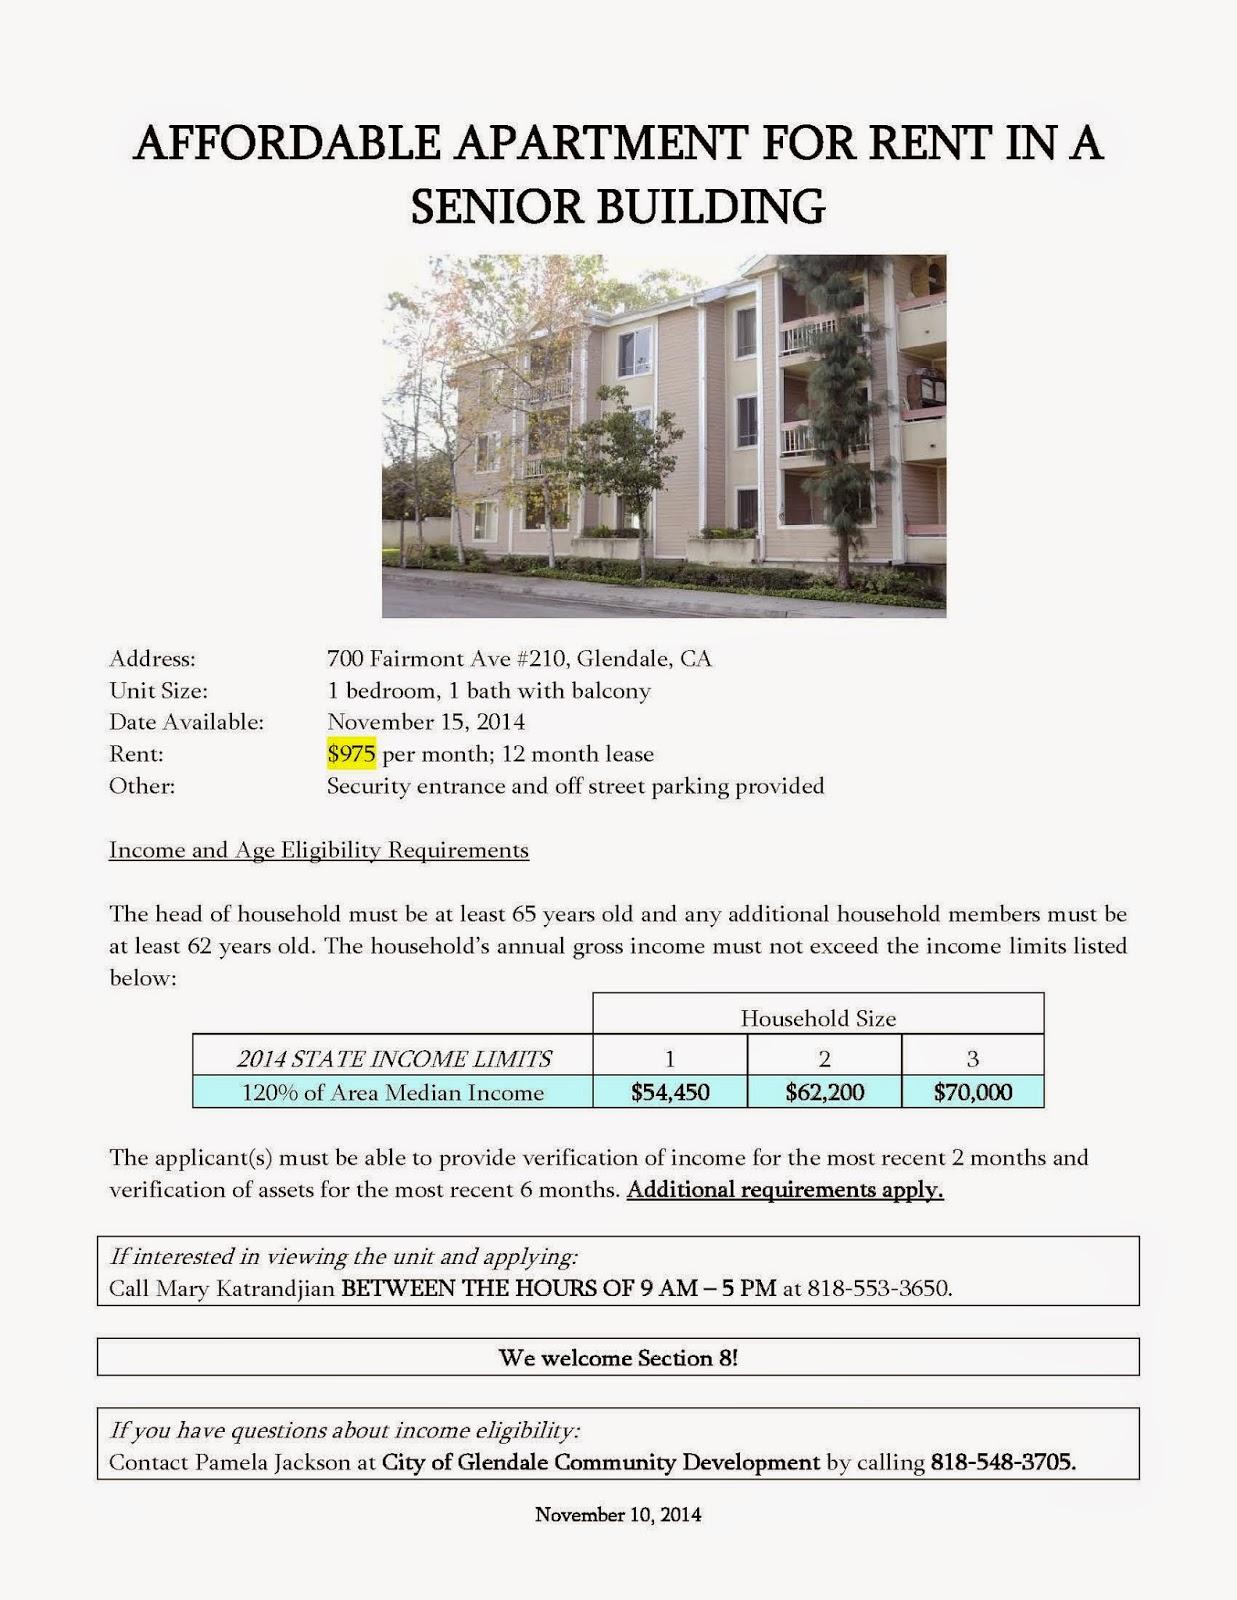 Cdd topics affordable 1 bedroom senior apartment for rent - Cheap apartments for rent 1 bedroom ...